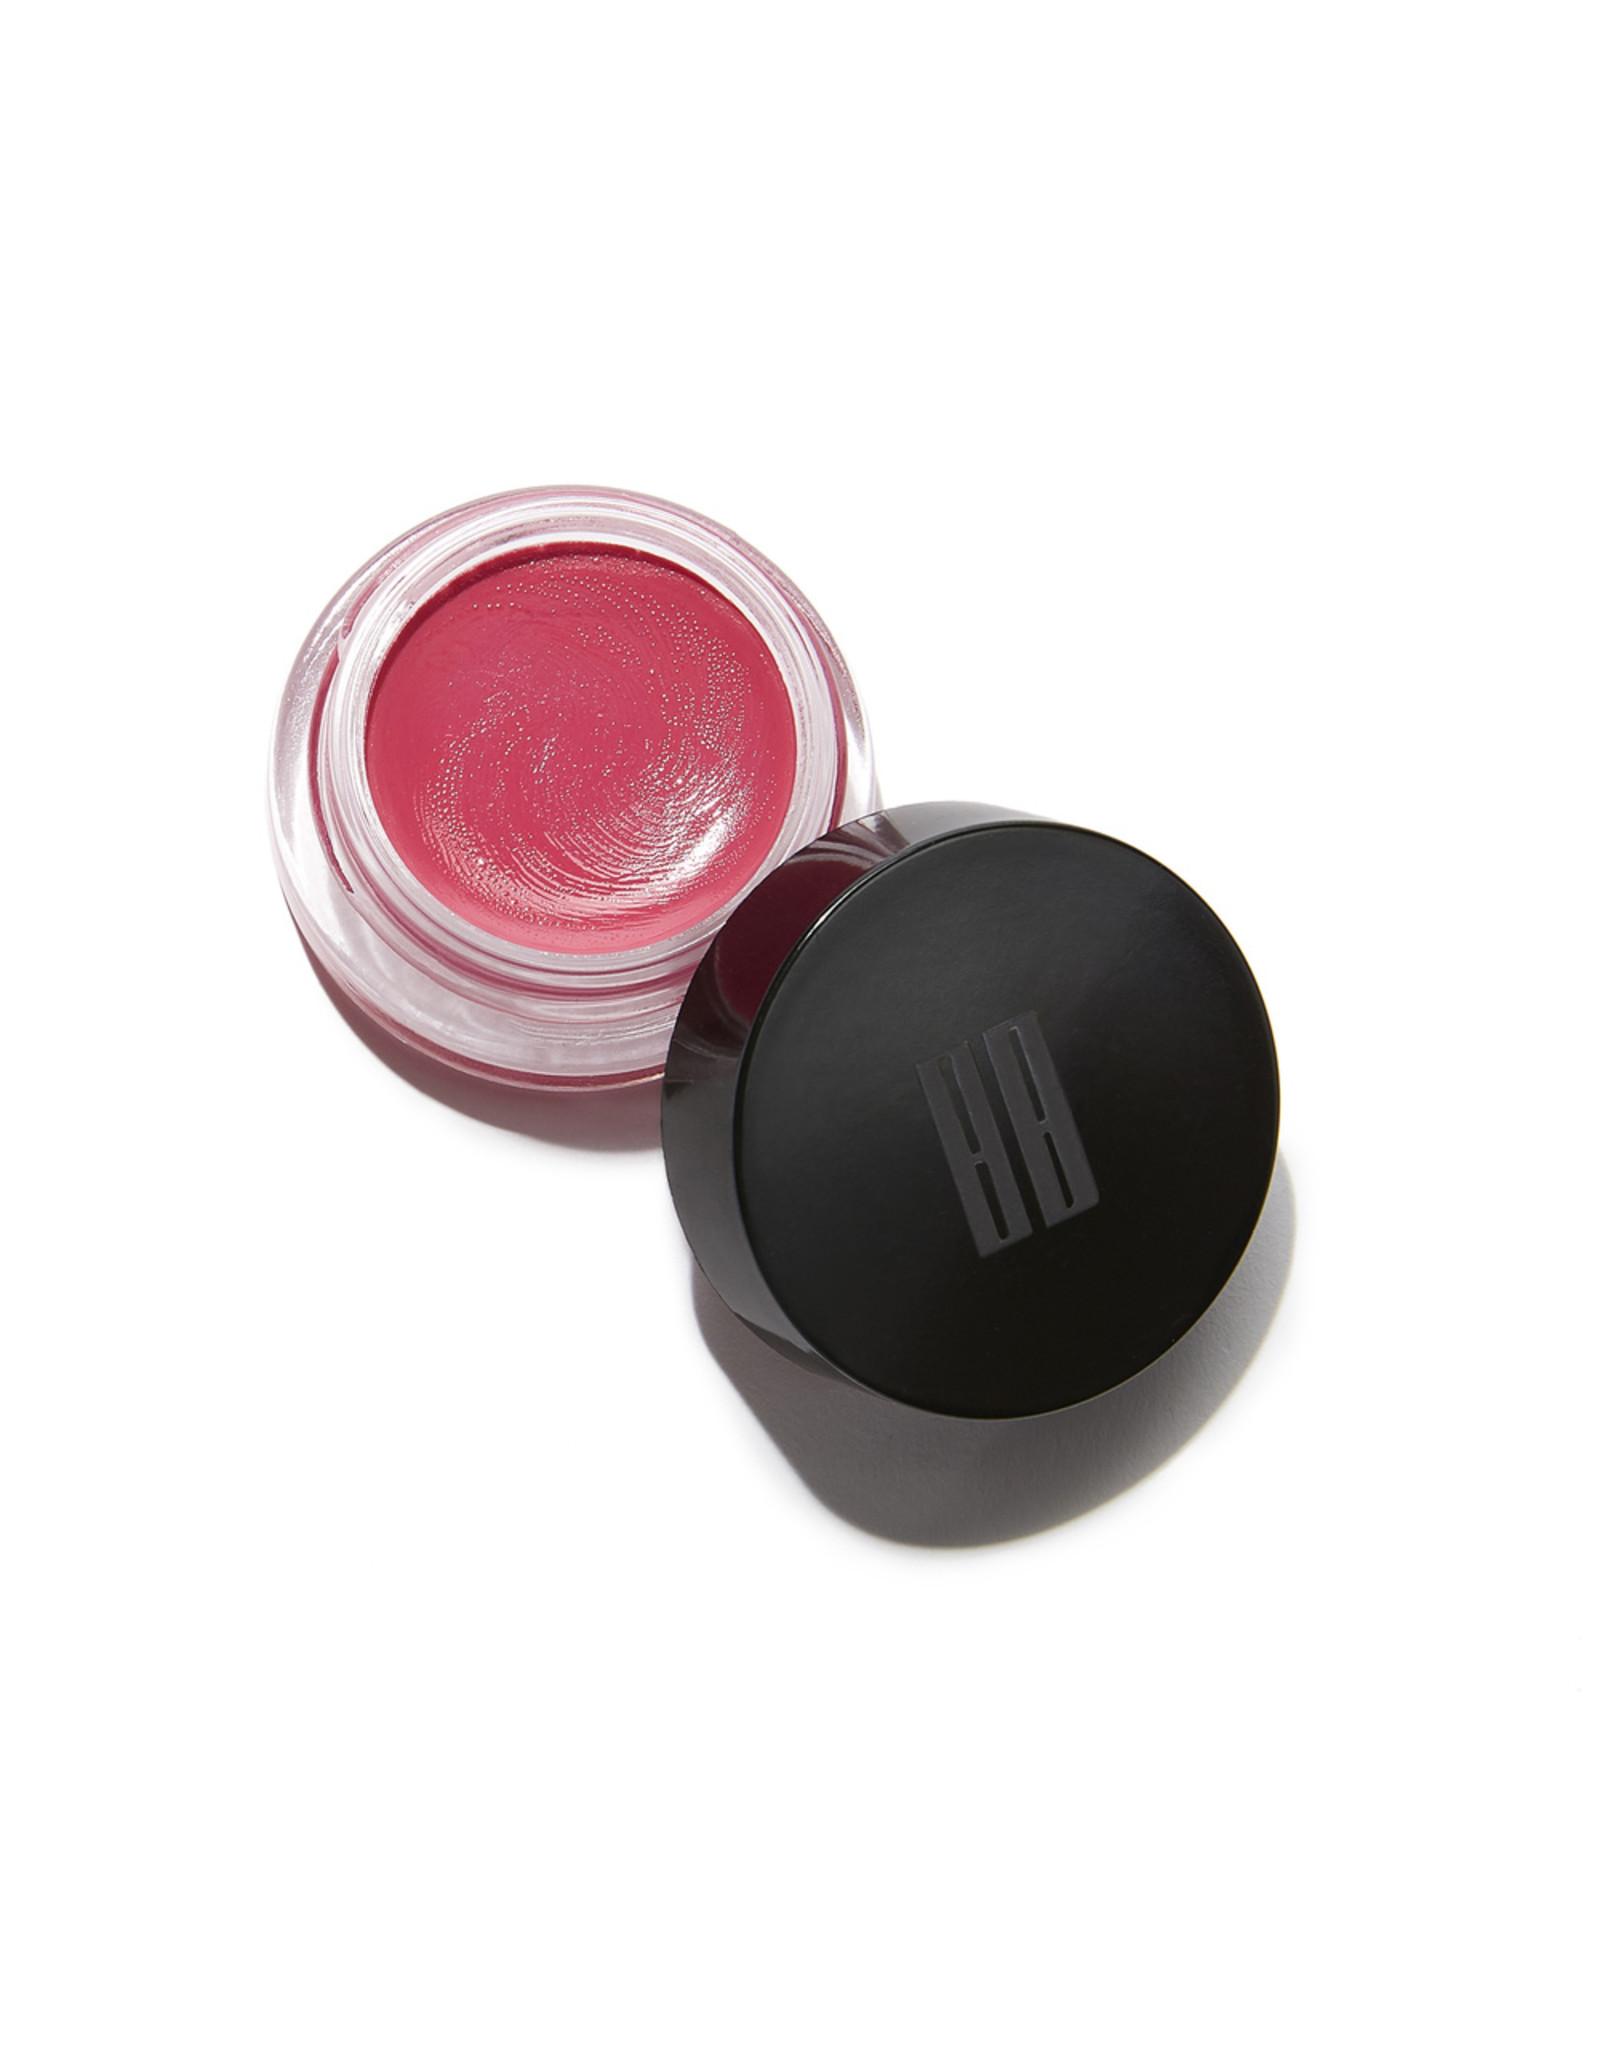 Balmyard Beauty Balmyard Beauty Baby Love Balm Lip + Cheek Tint (Color: Candy Girl)